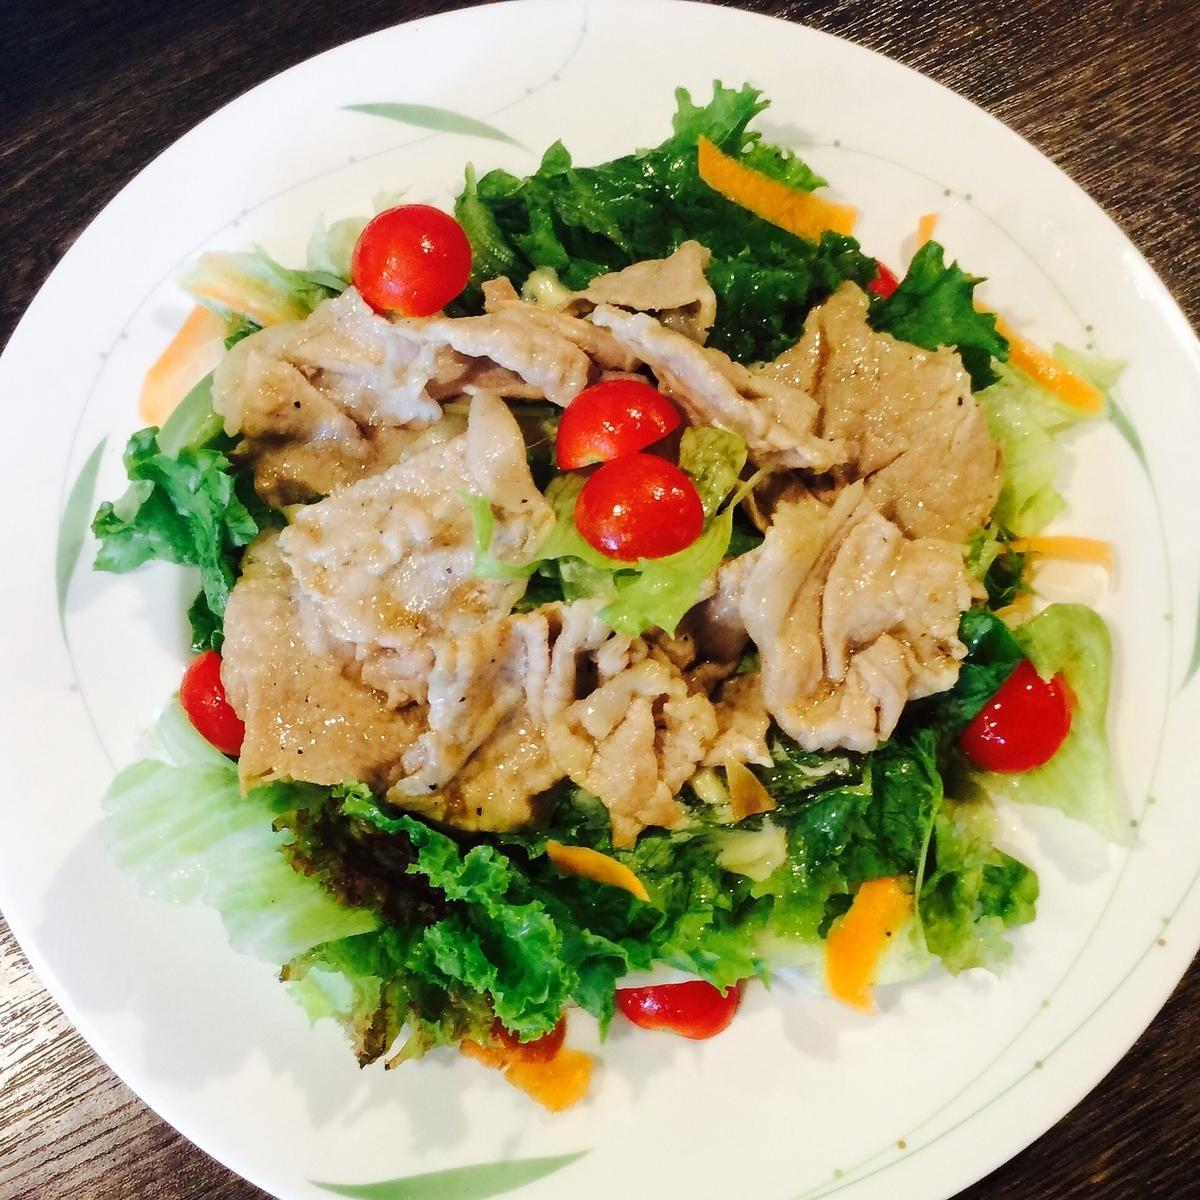 Itoshima猪肉bBQ沙拉